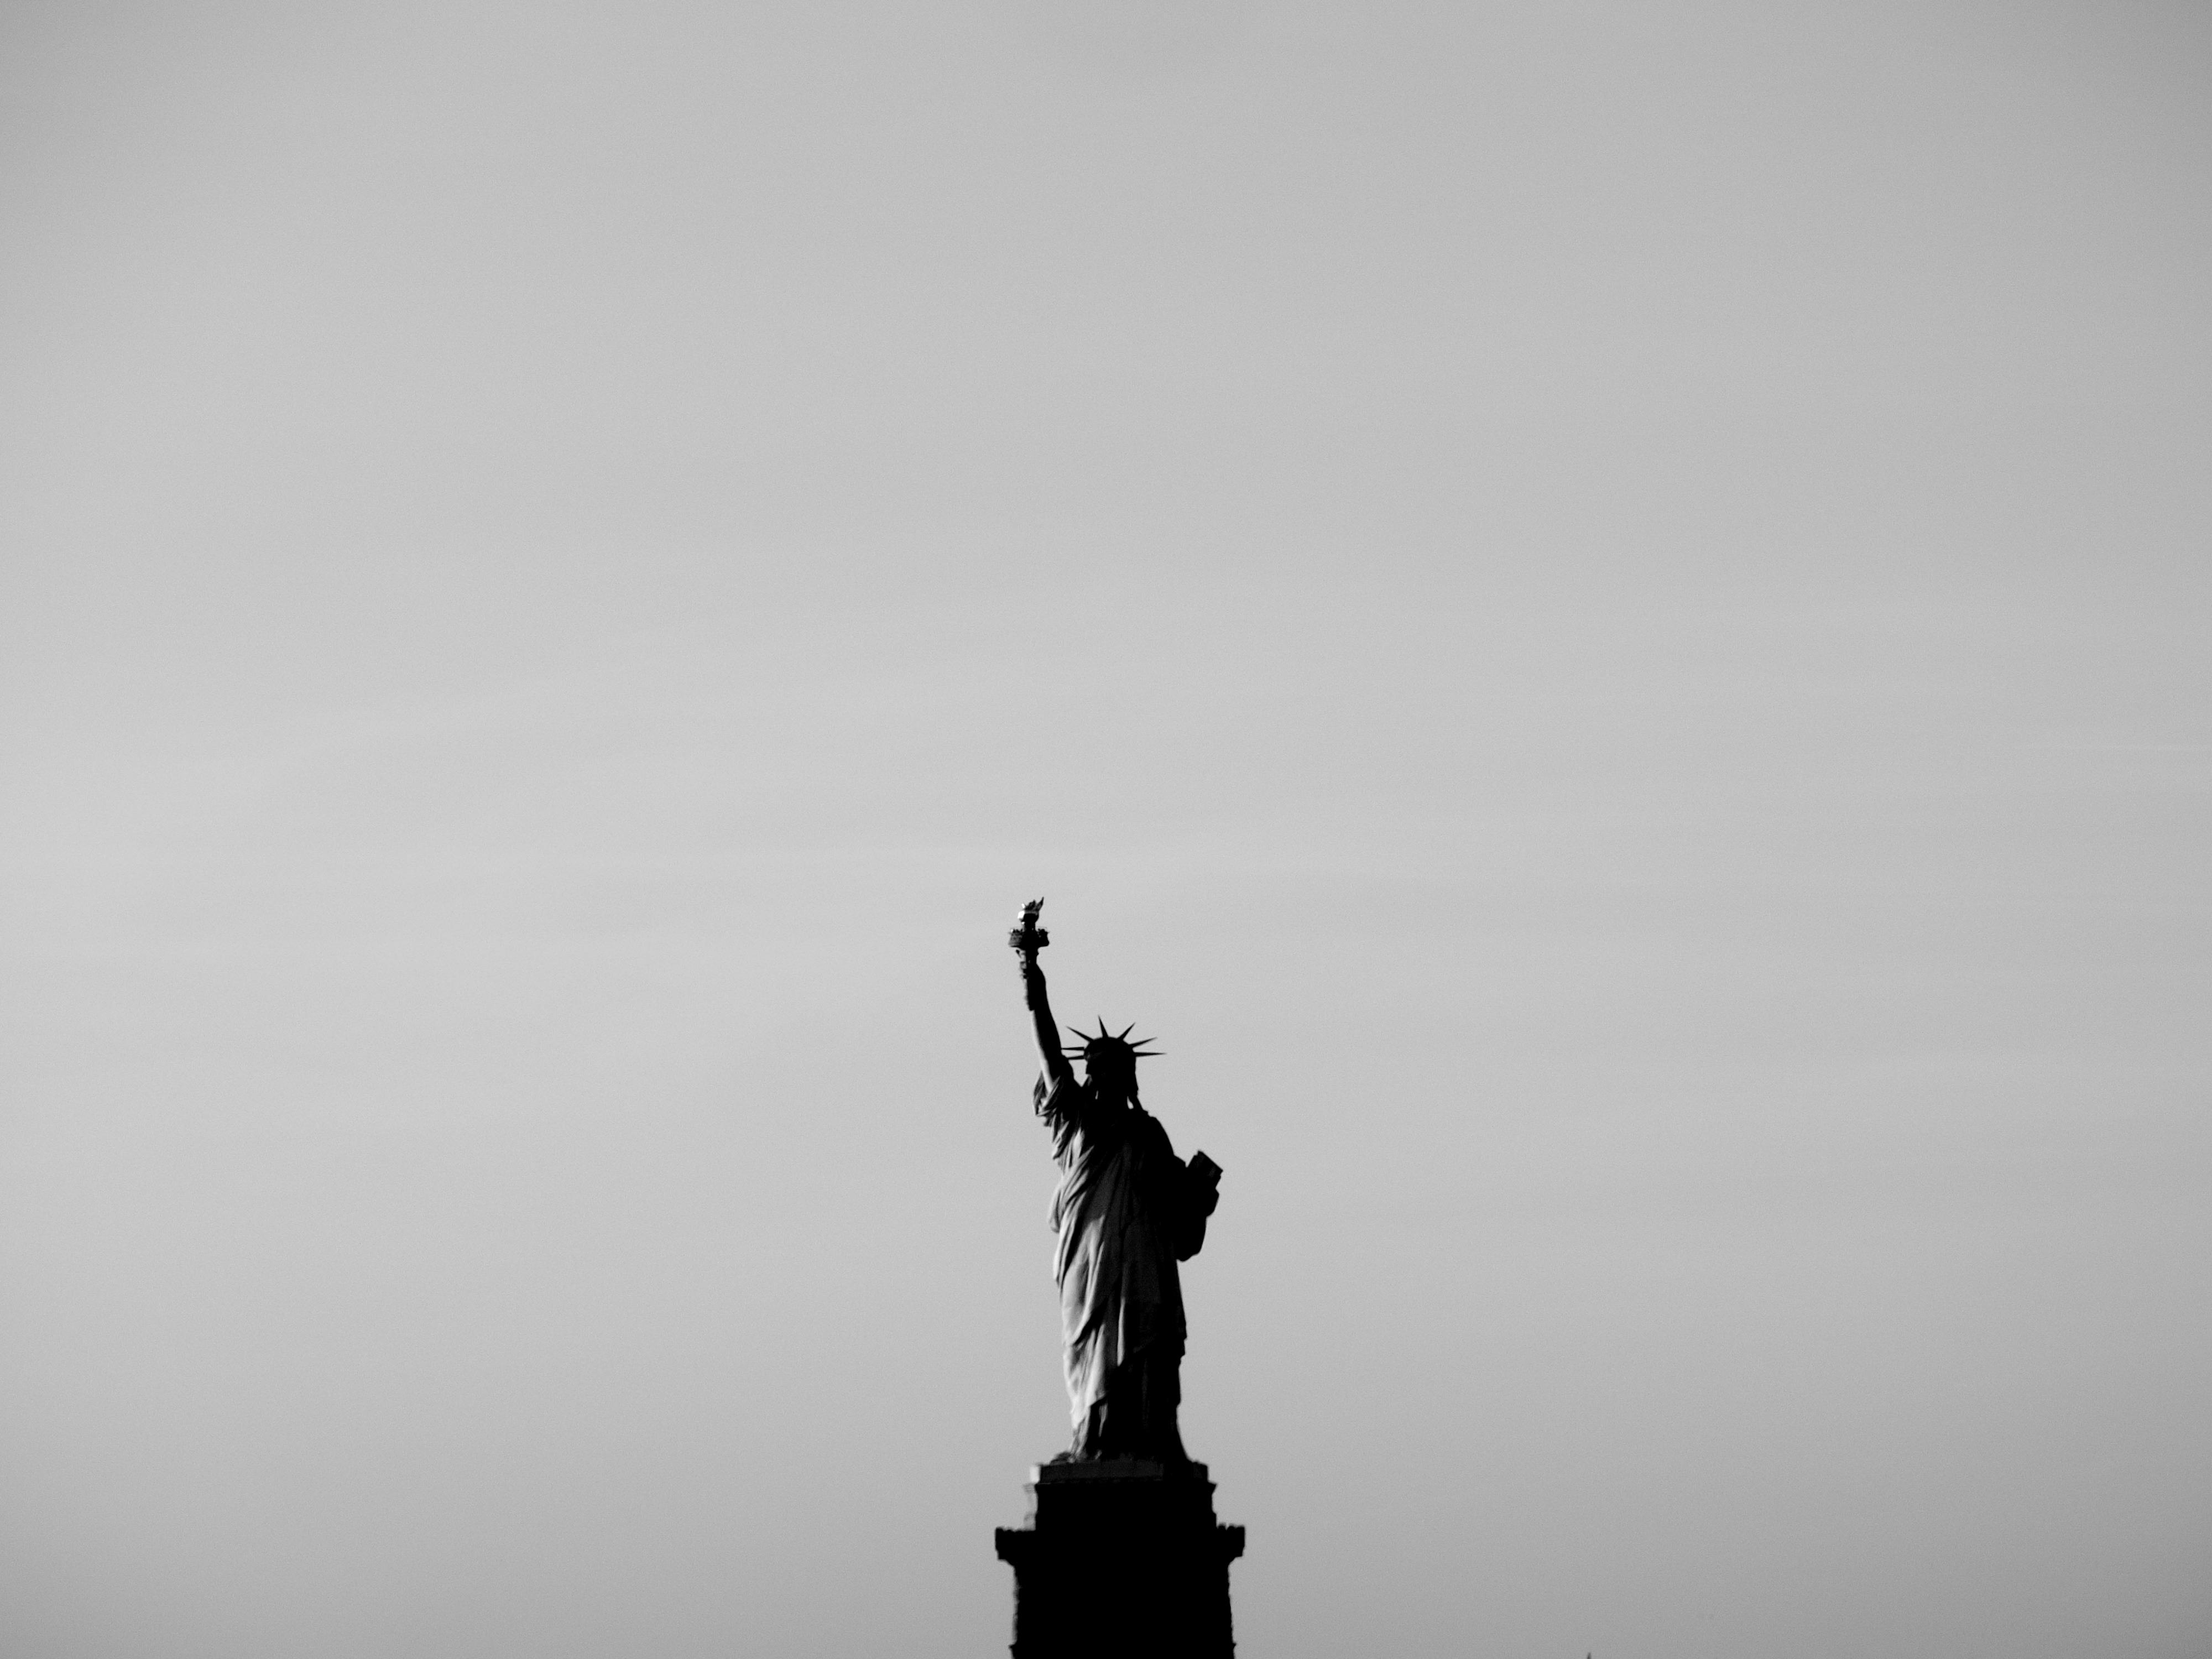 自由の女神をタダで見る方法と、NYでの衝撃カウチサーフィン体験。